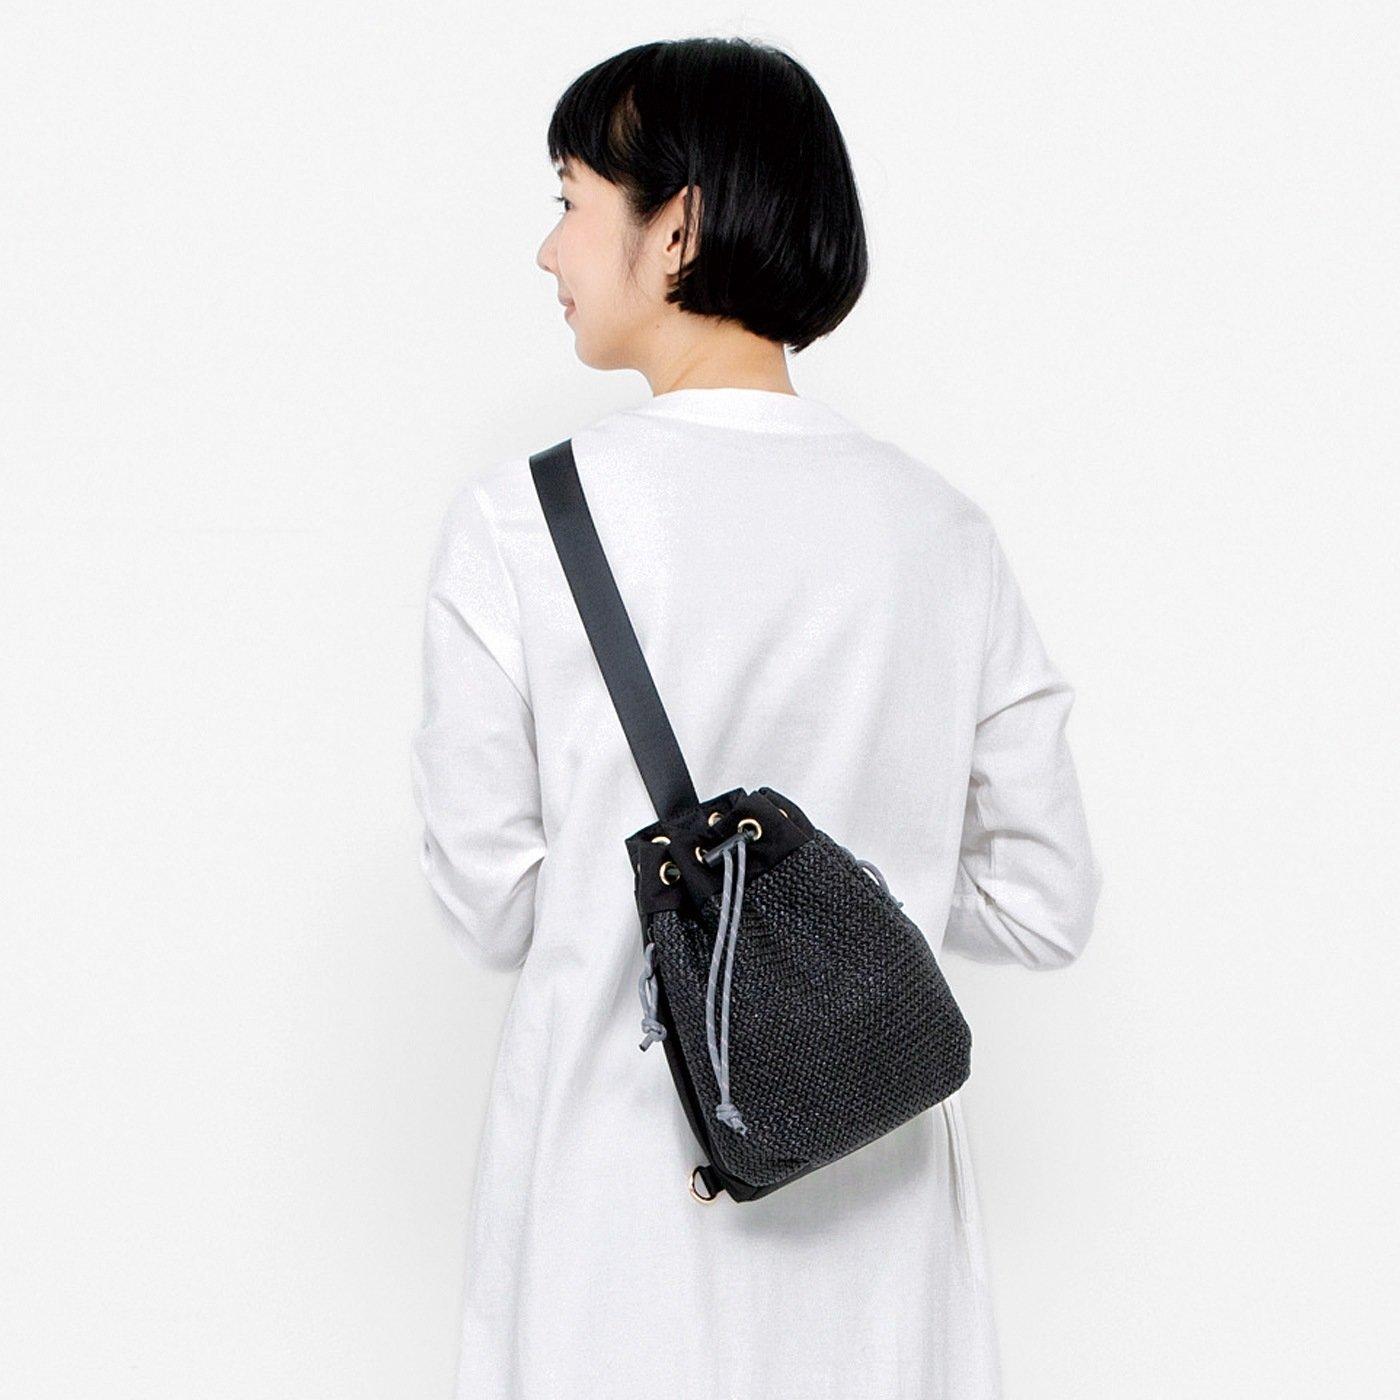 UP.de サッと取り出せる かごバッグみたいな巾着(きんちゃく)ボディーバッグの会